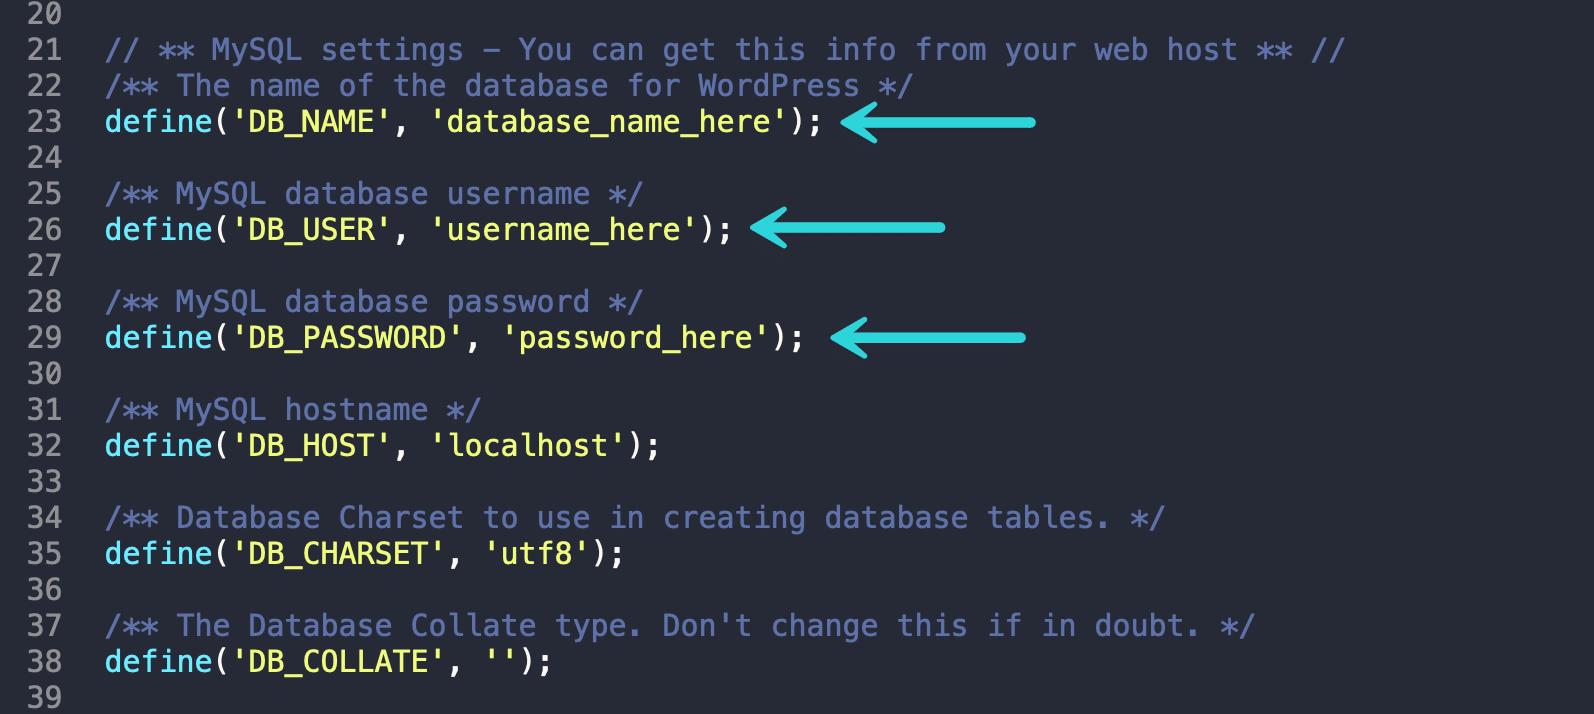 Impostazioni MySQL in wp-config.php